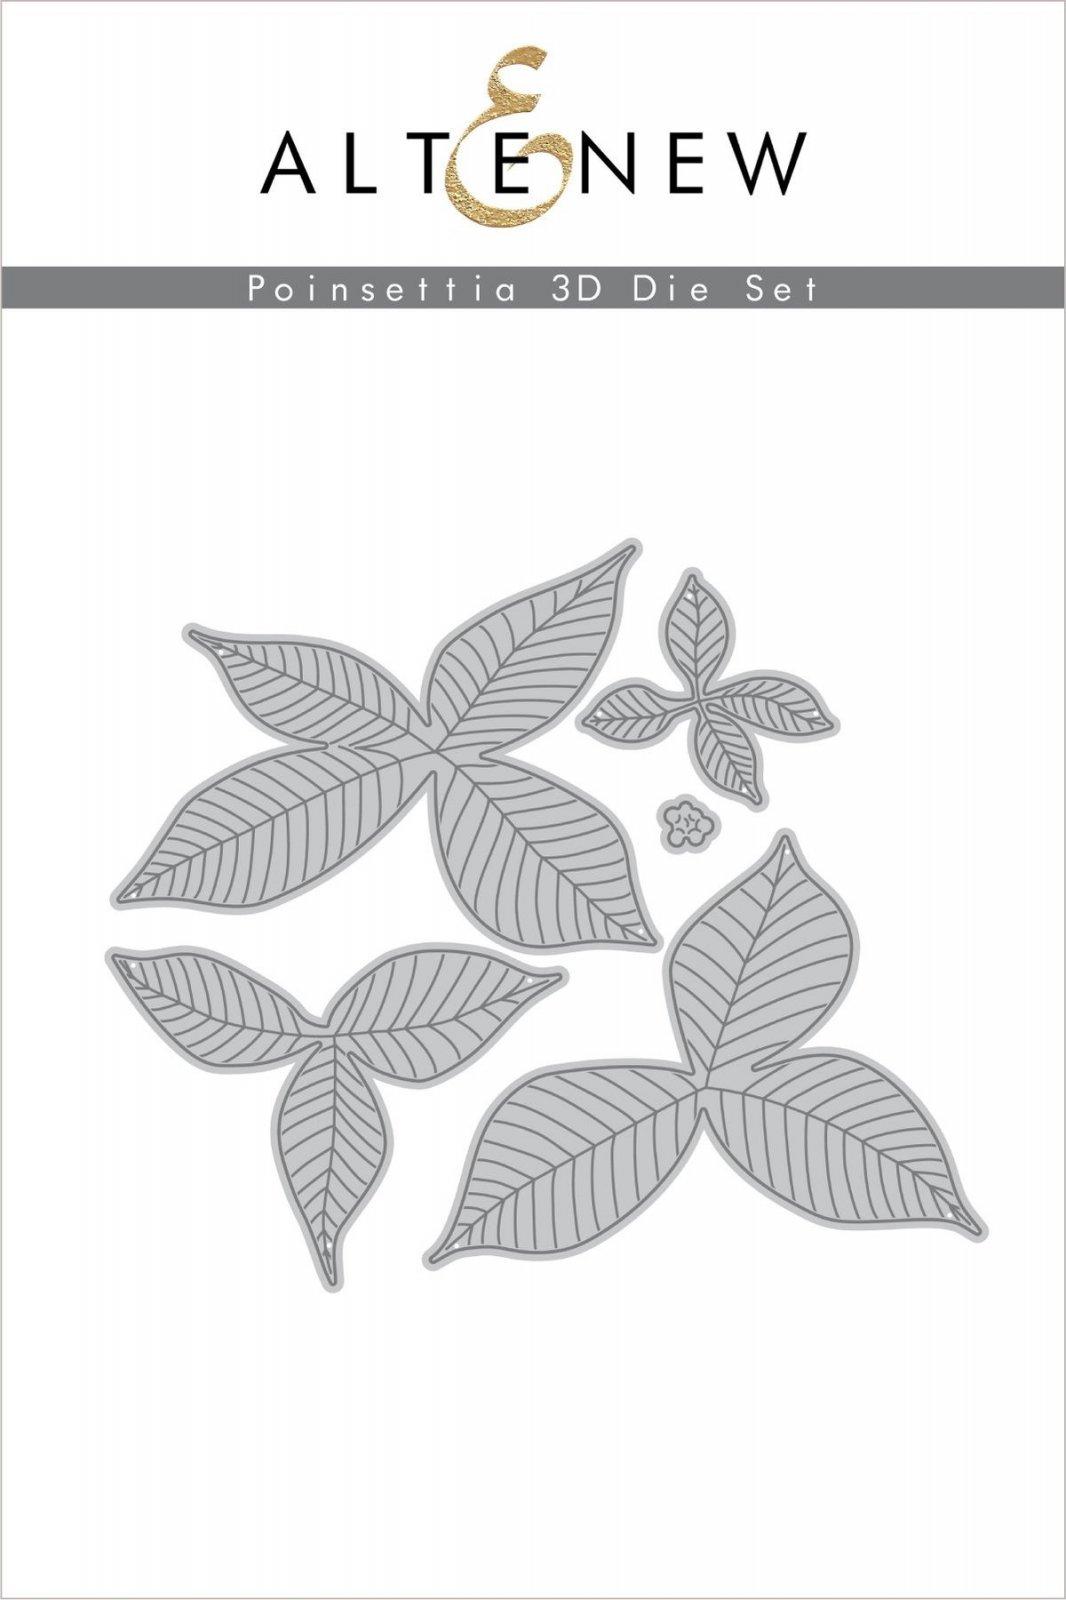 Altenew - Dies - Poinsettia 3D Die Set